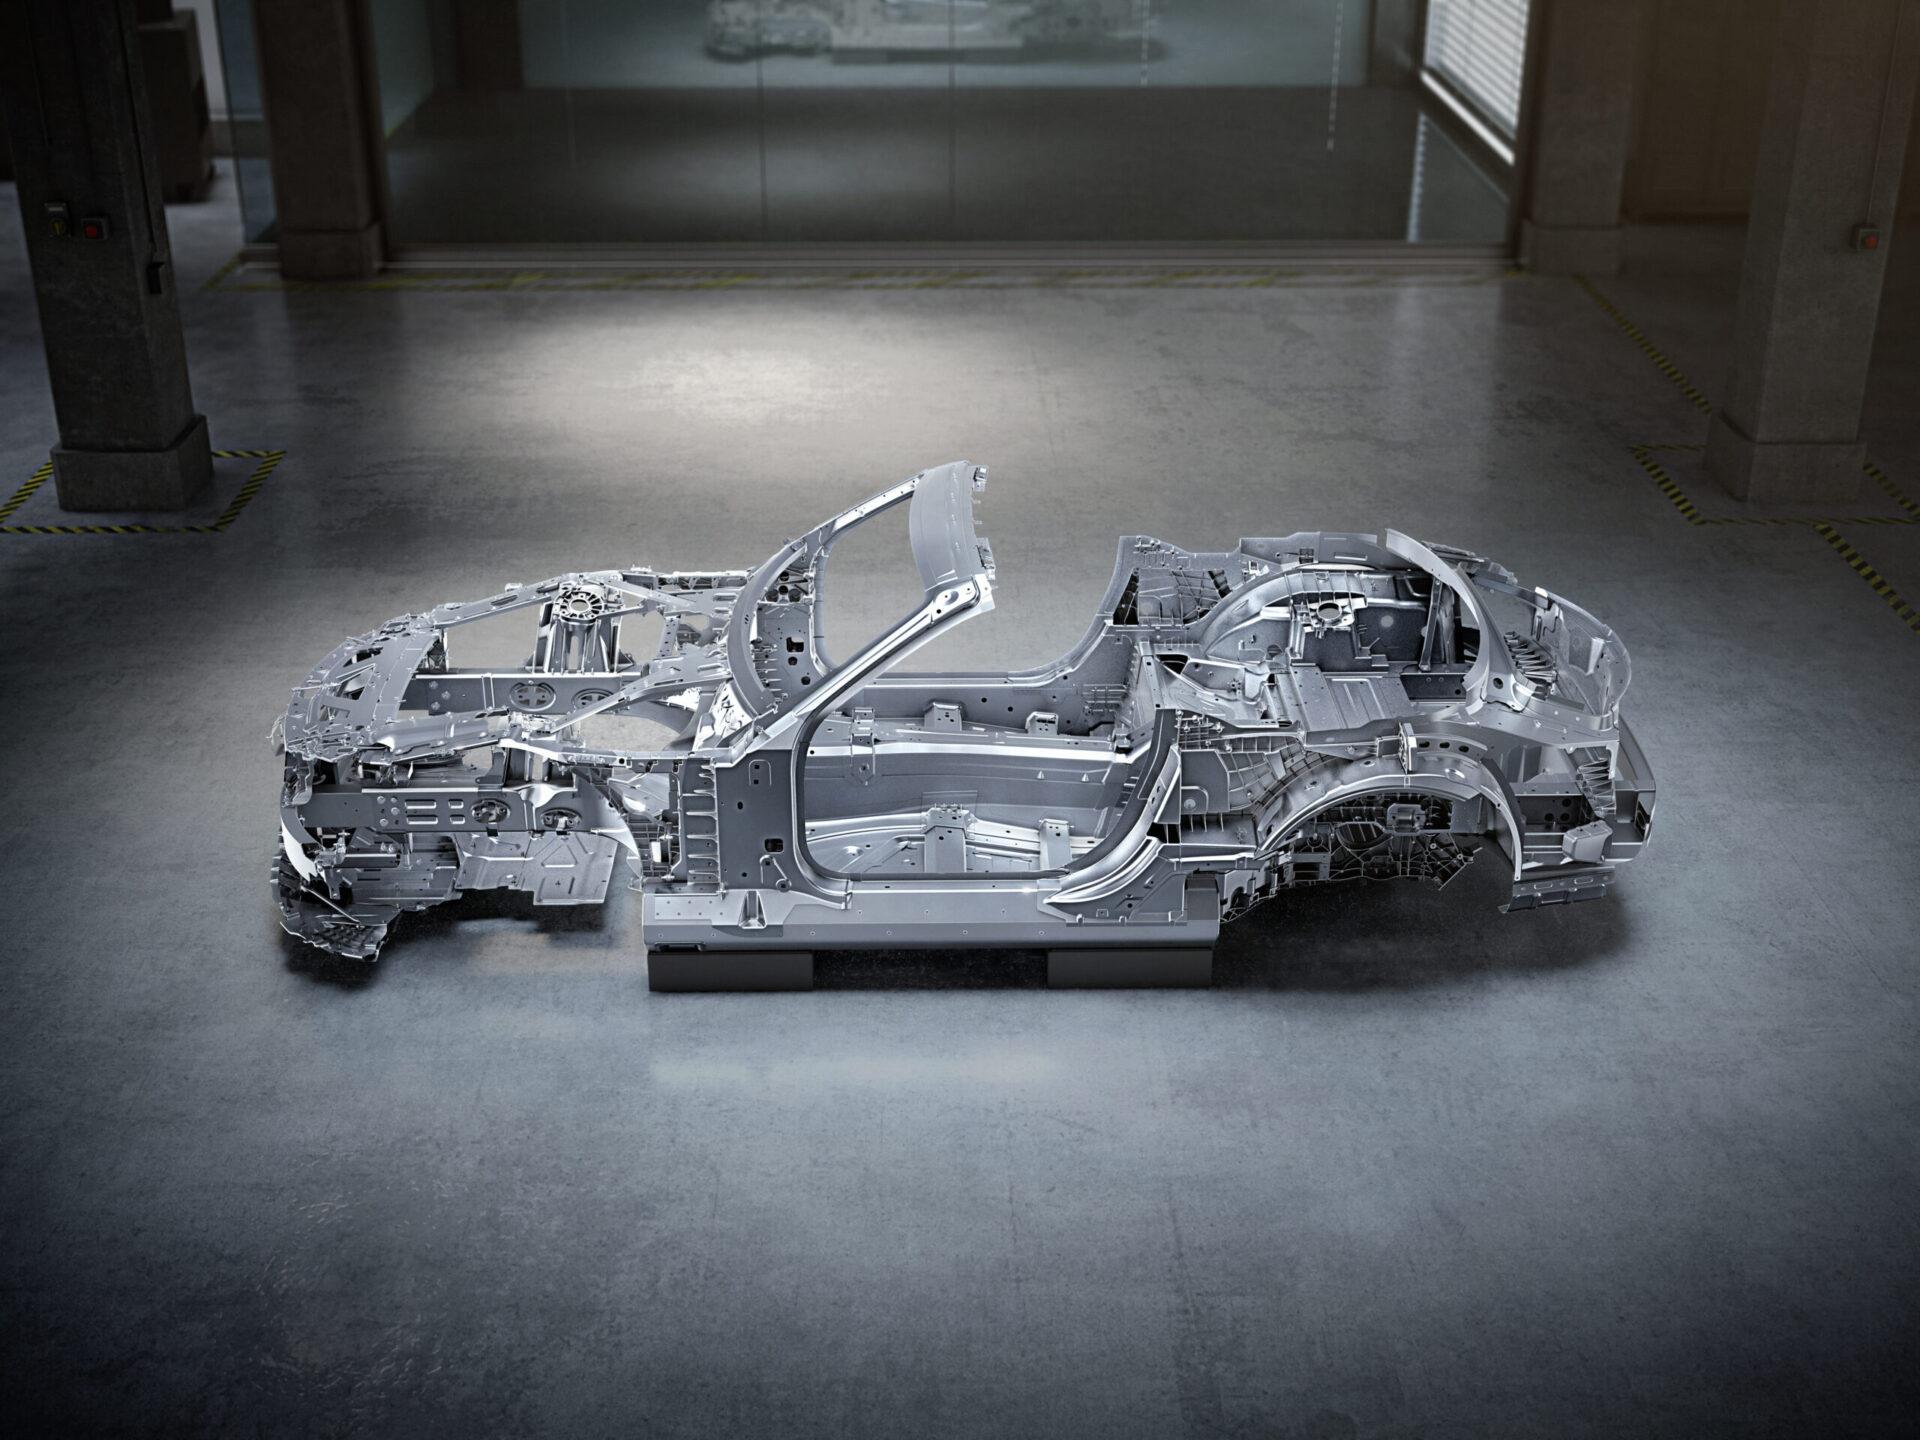 Новый родстер Mercedes-AMG SL получит абсолютно новый несущий кузов